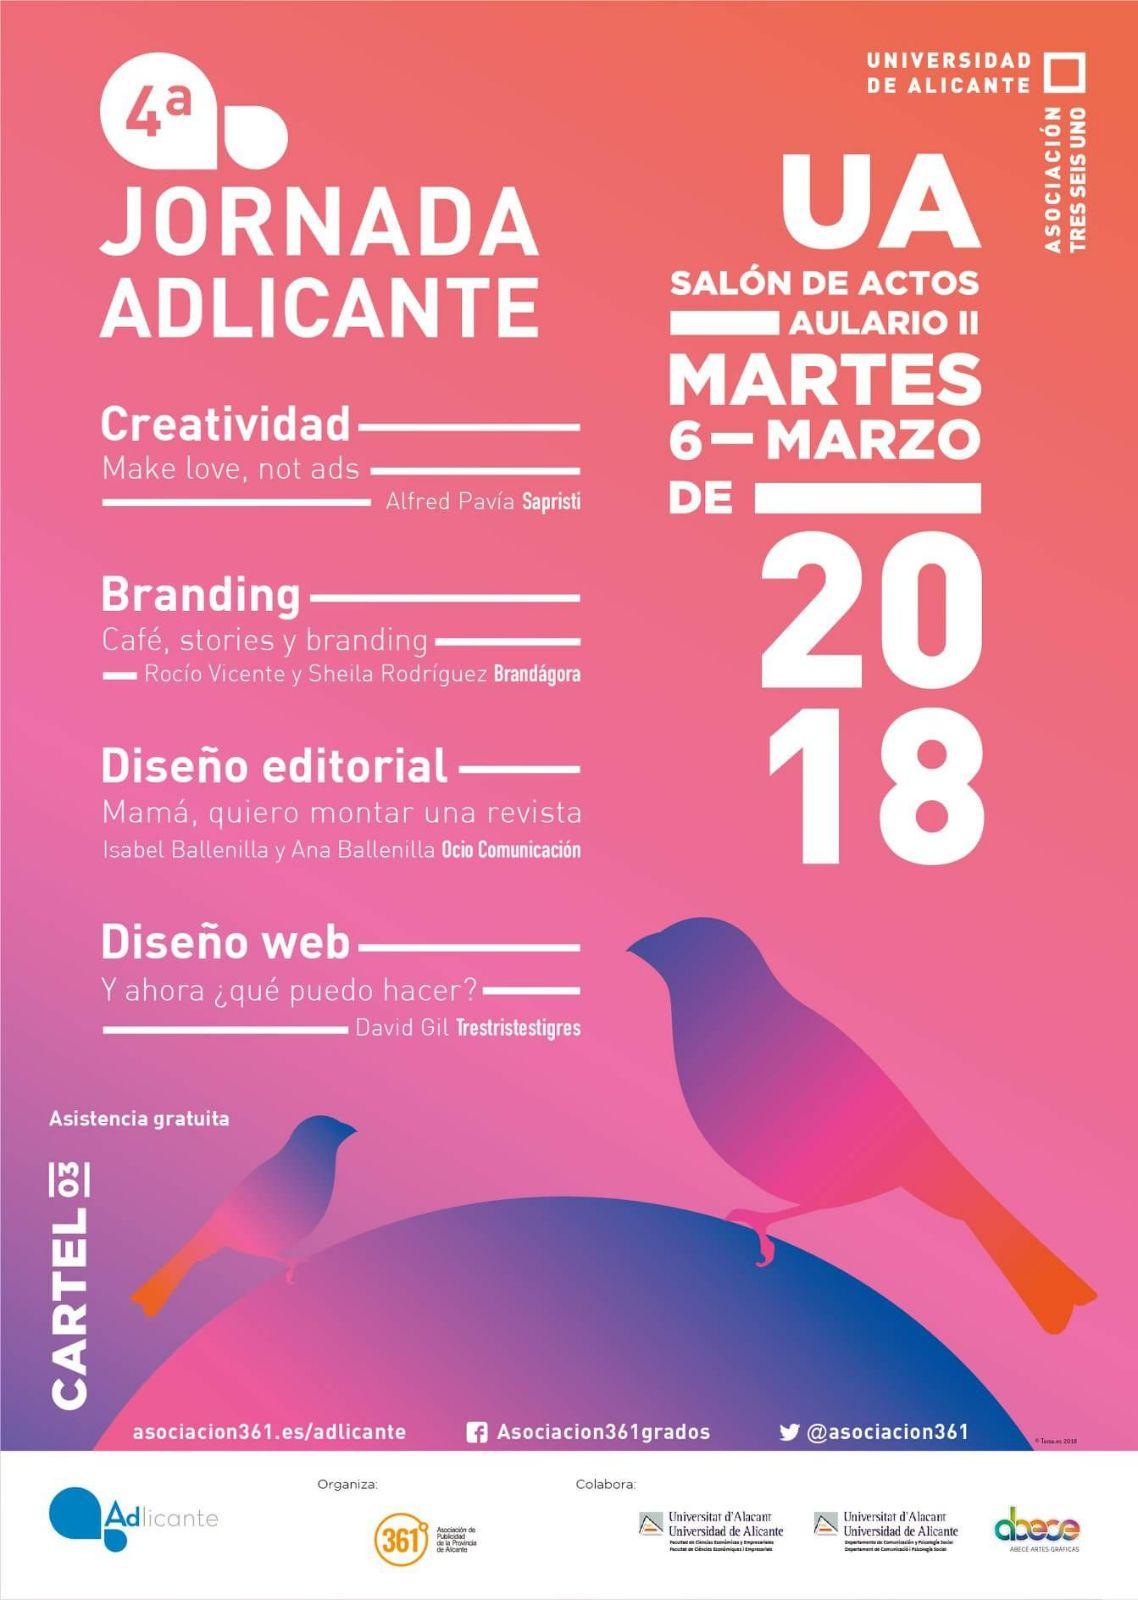 Vuelven las Jornadas de Publicidad Alicante: IV Jornadas Adlicante